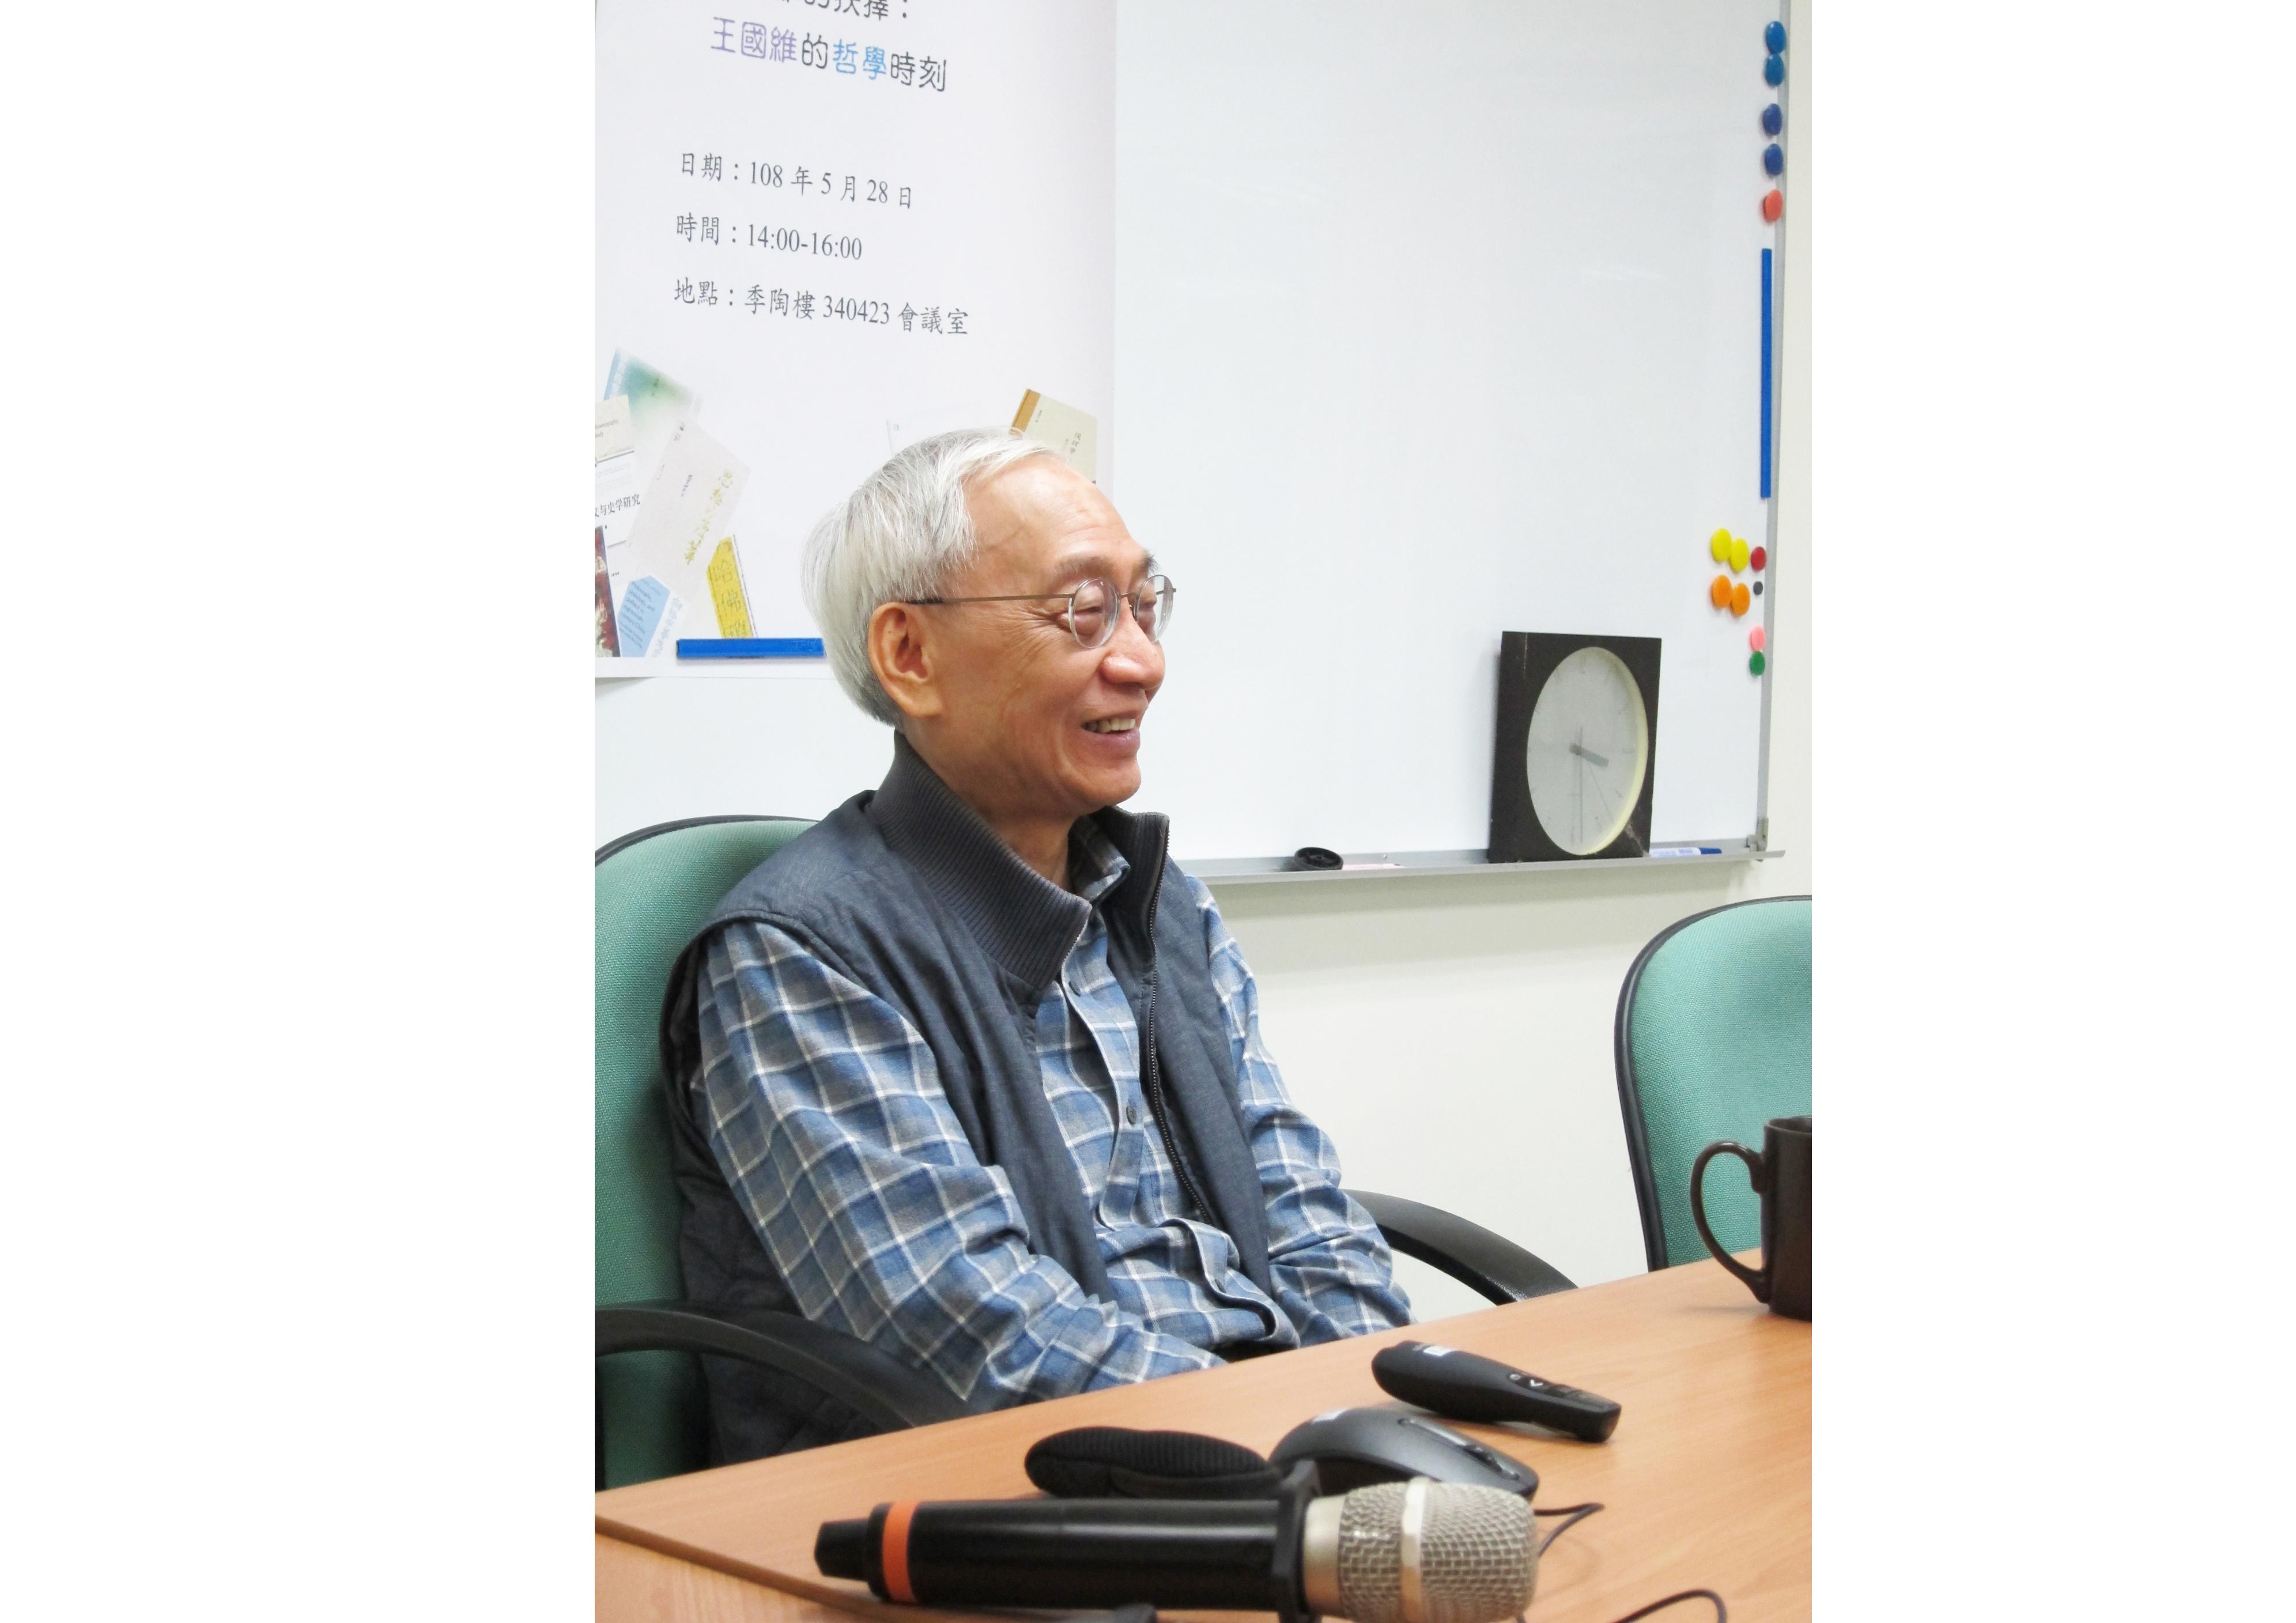 黃進興教授演講「兩難的抉擇:王國維的哲學時刻」紀要